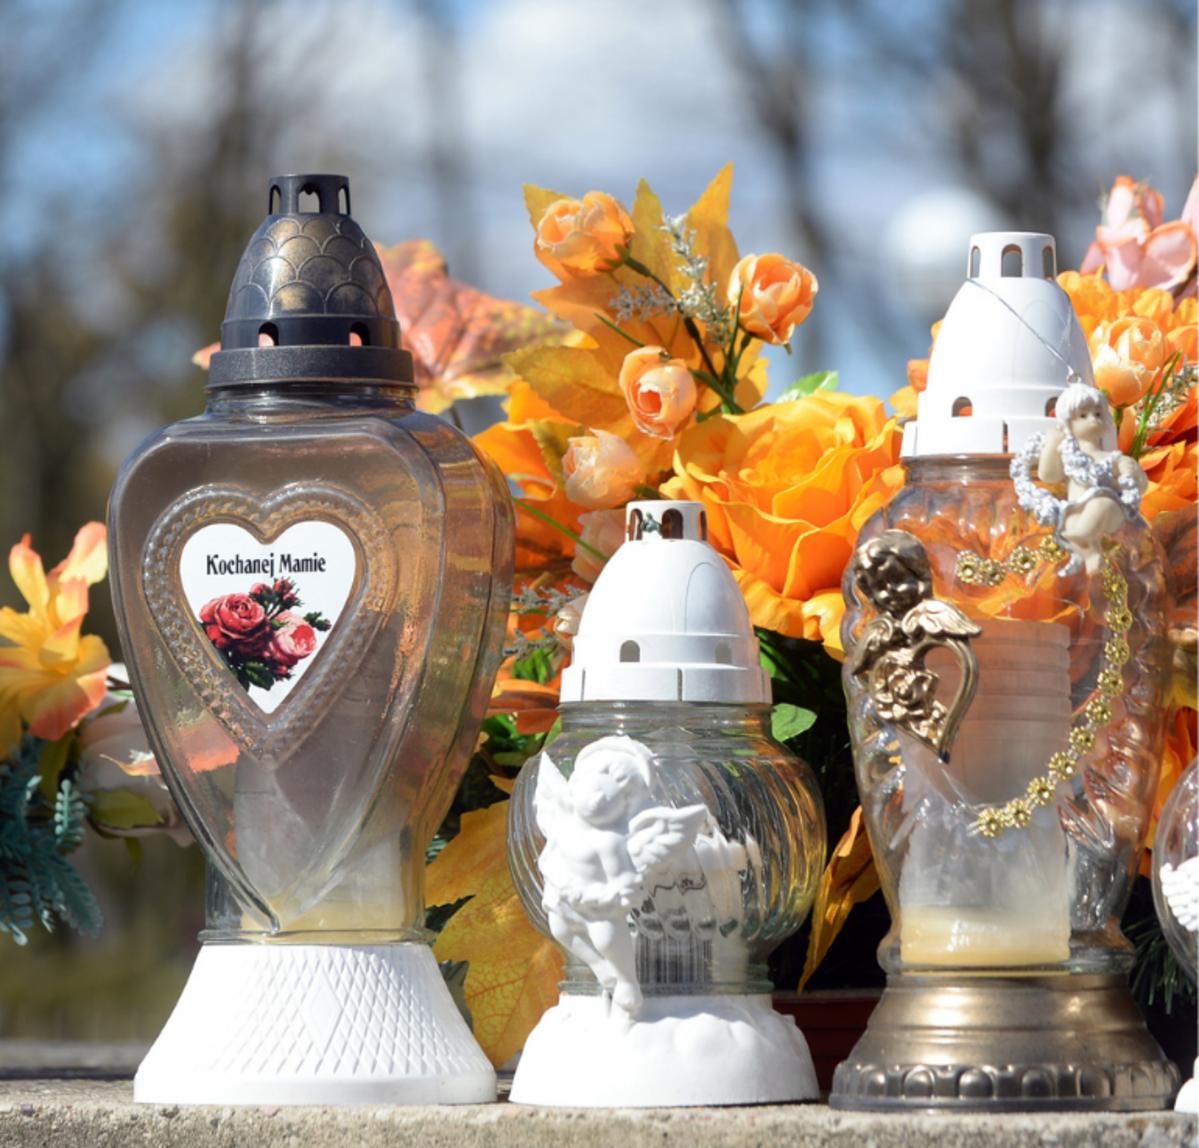 Znicze na cmentarzu